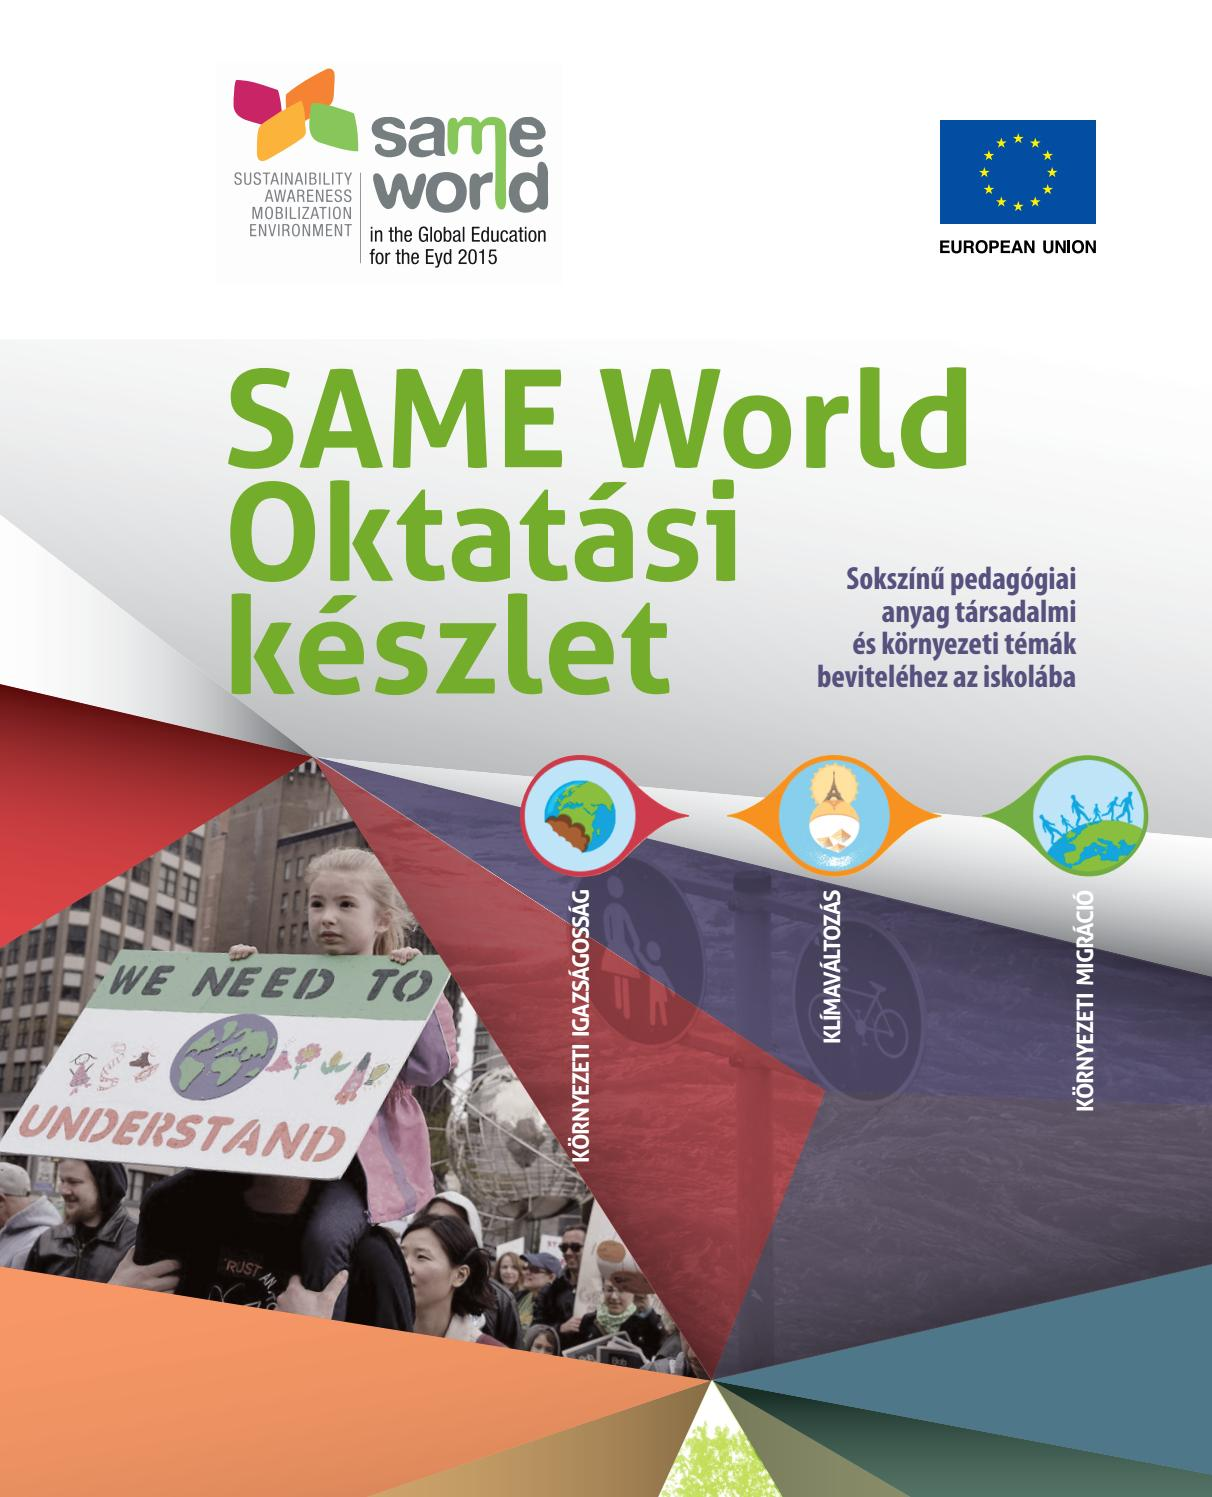 környezetvédelmi biztonság a Kazah Köztársaságban jogi szempontból)